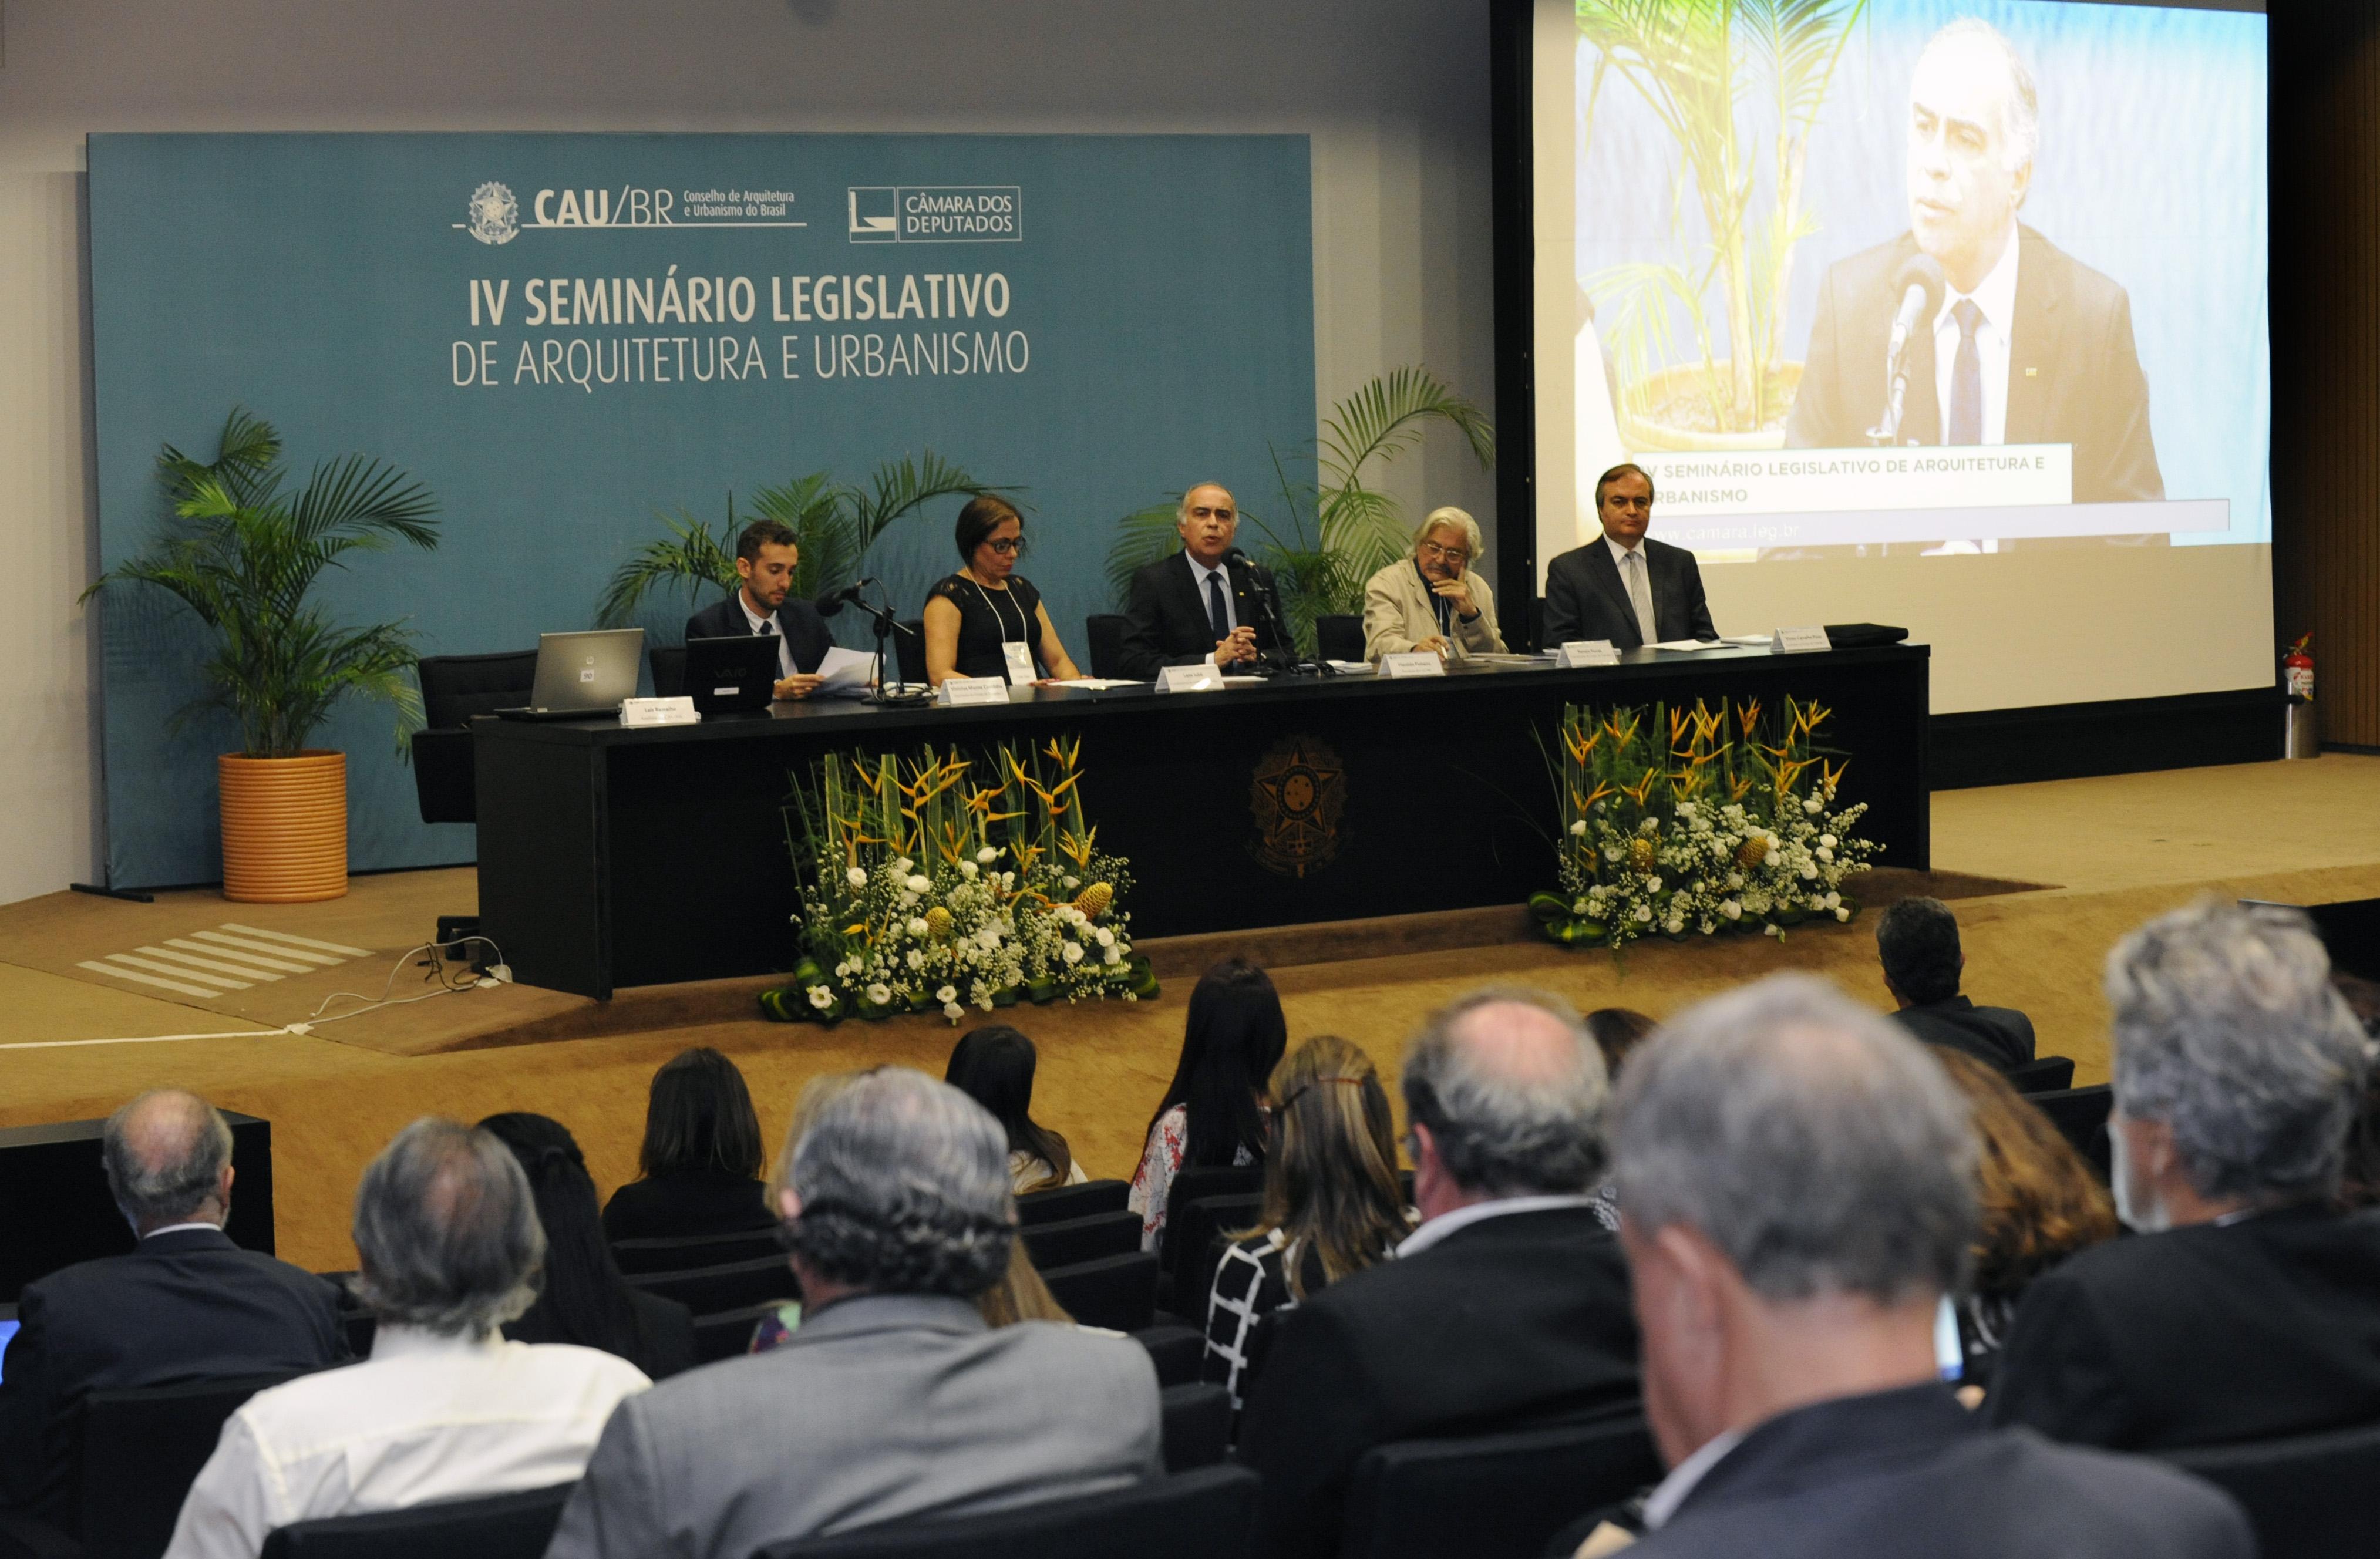 IV Seminário Legislativo de Arquitetura e Urbanismo